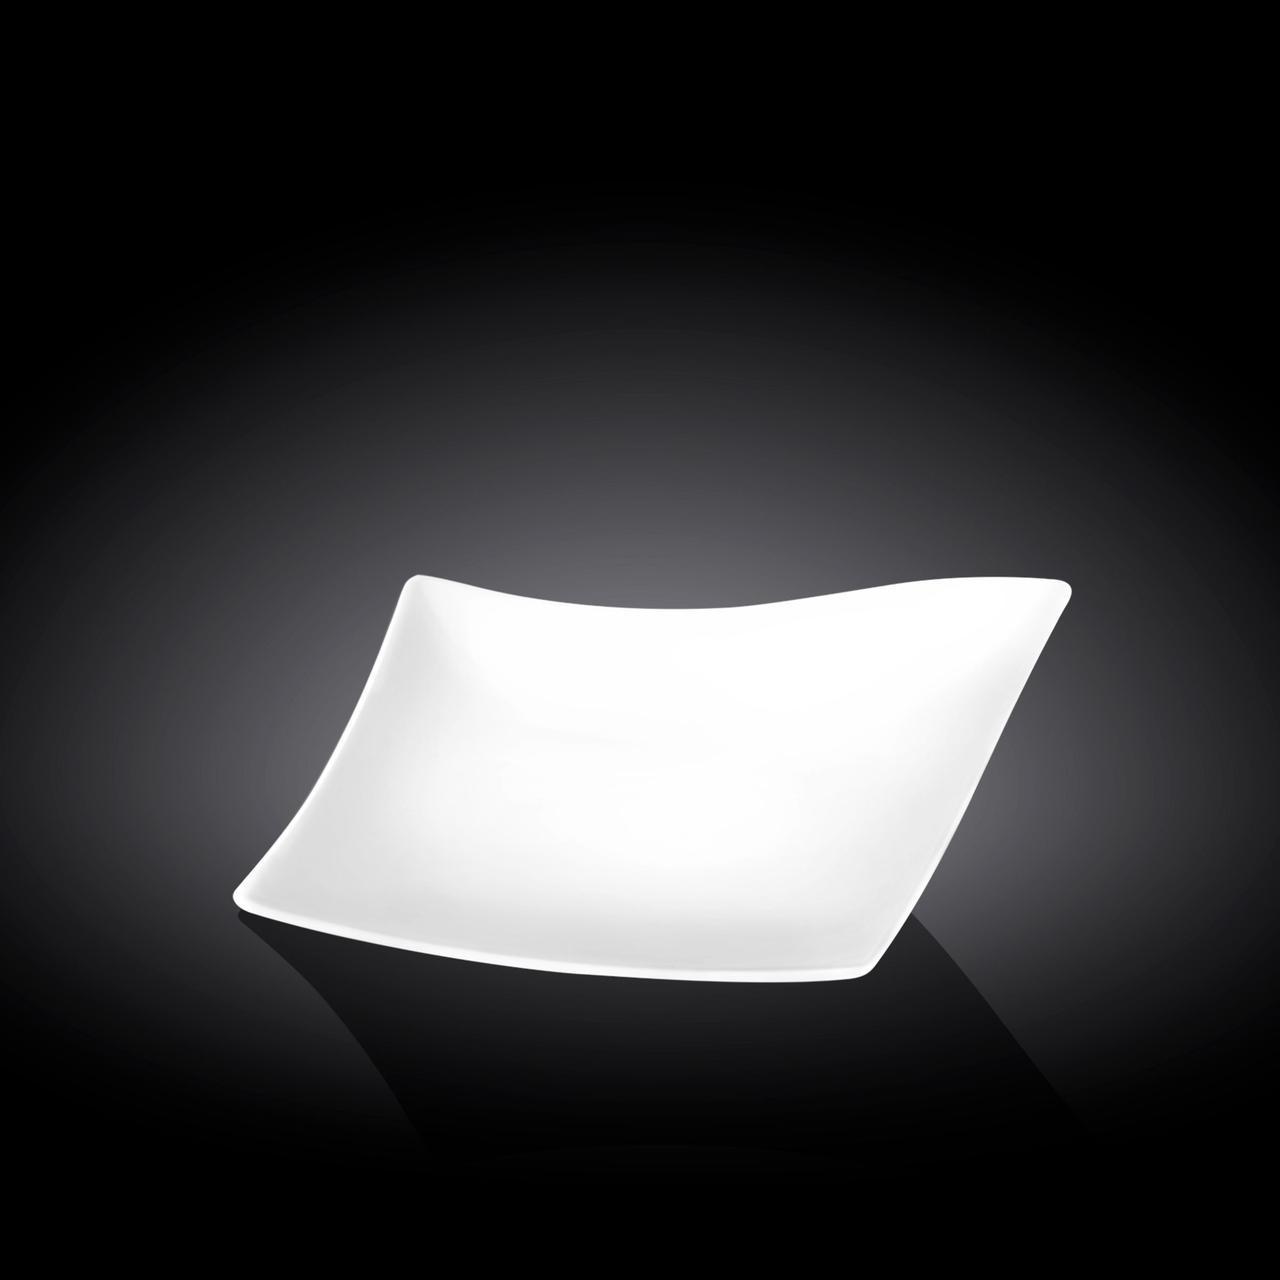 Блюдо Wilmax Diamond 25х21 см фарфор (992786 WL)